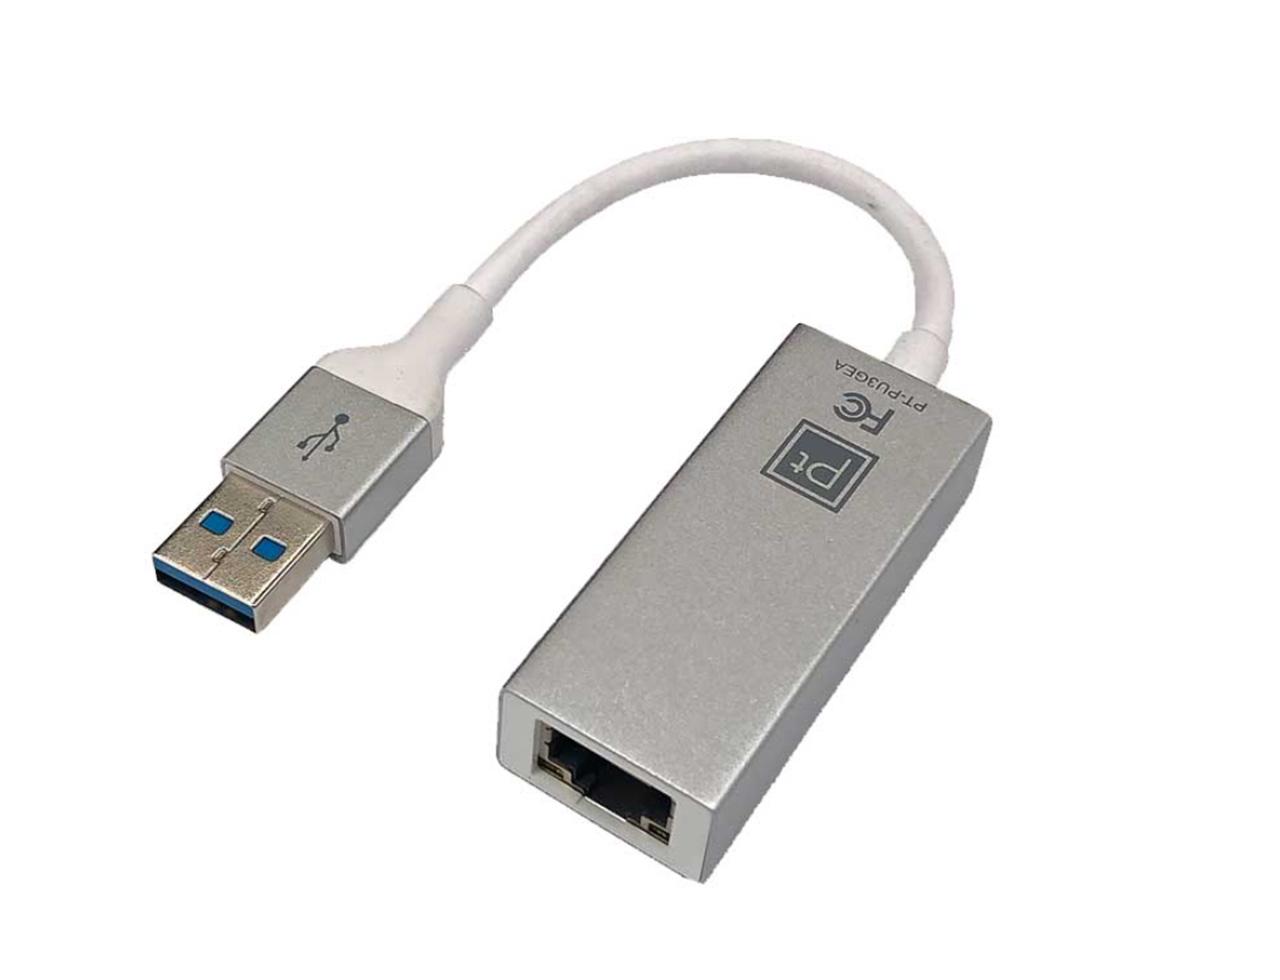 瑞昱RTL8153 USB 3.0千兆网卡拆解 测速 附上官网 驱动 PT-PU3GEA Gigabit WIN7 WIN8 WIN10 MAC OS 谷歌